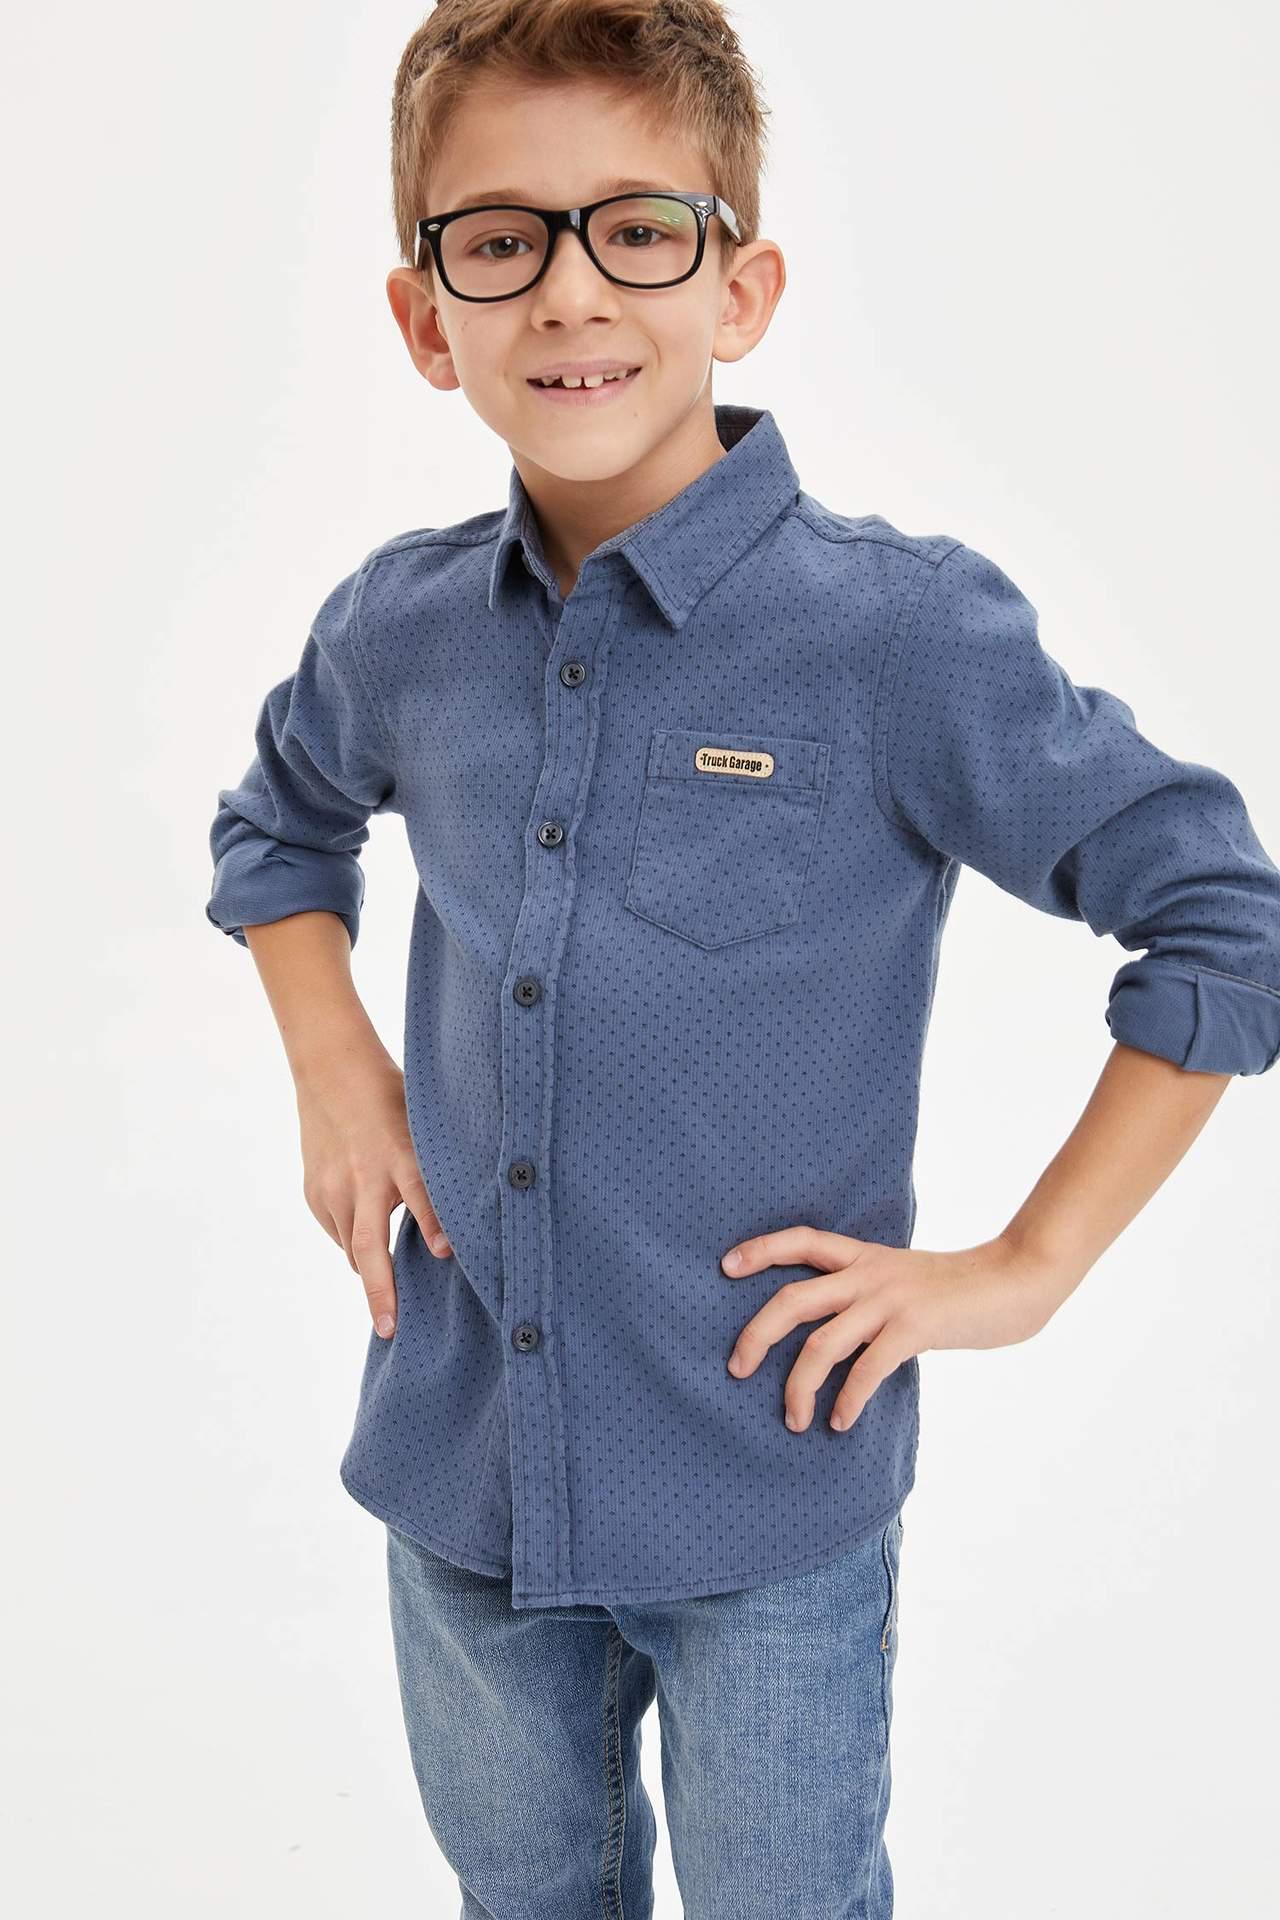 DeFacto Erkek Çocuk Tek Cepli Kadife Gömlek Mavi male